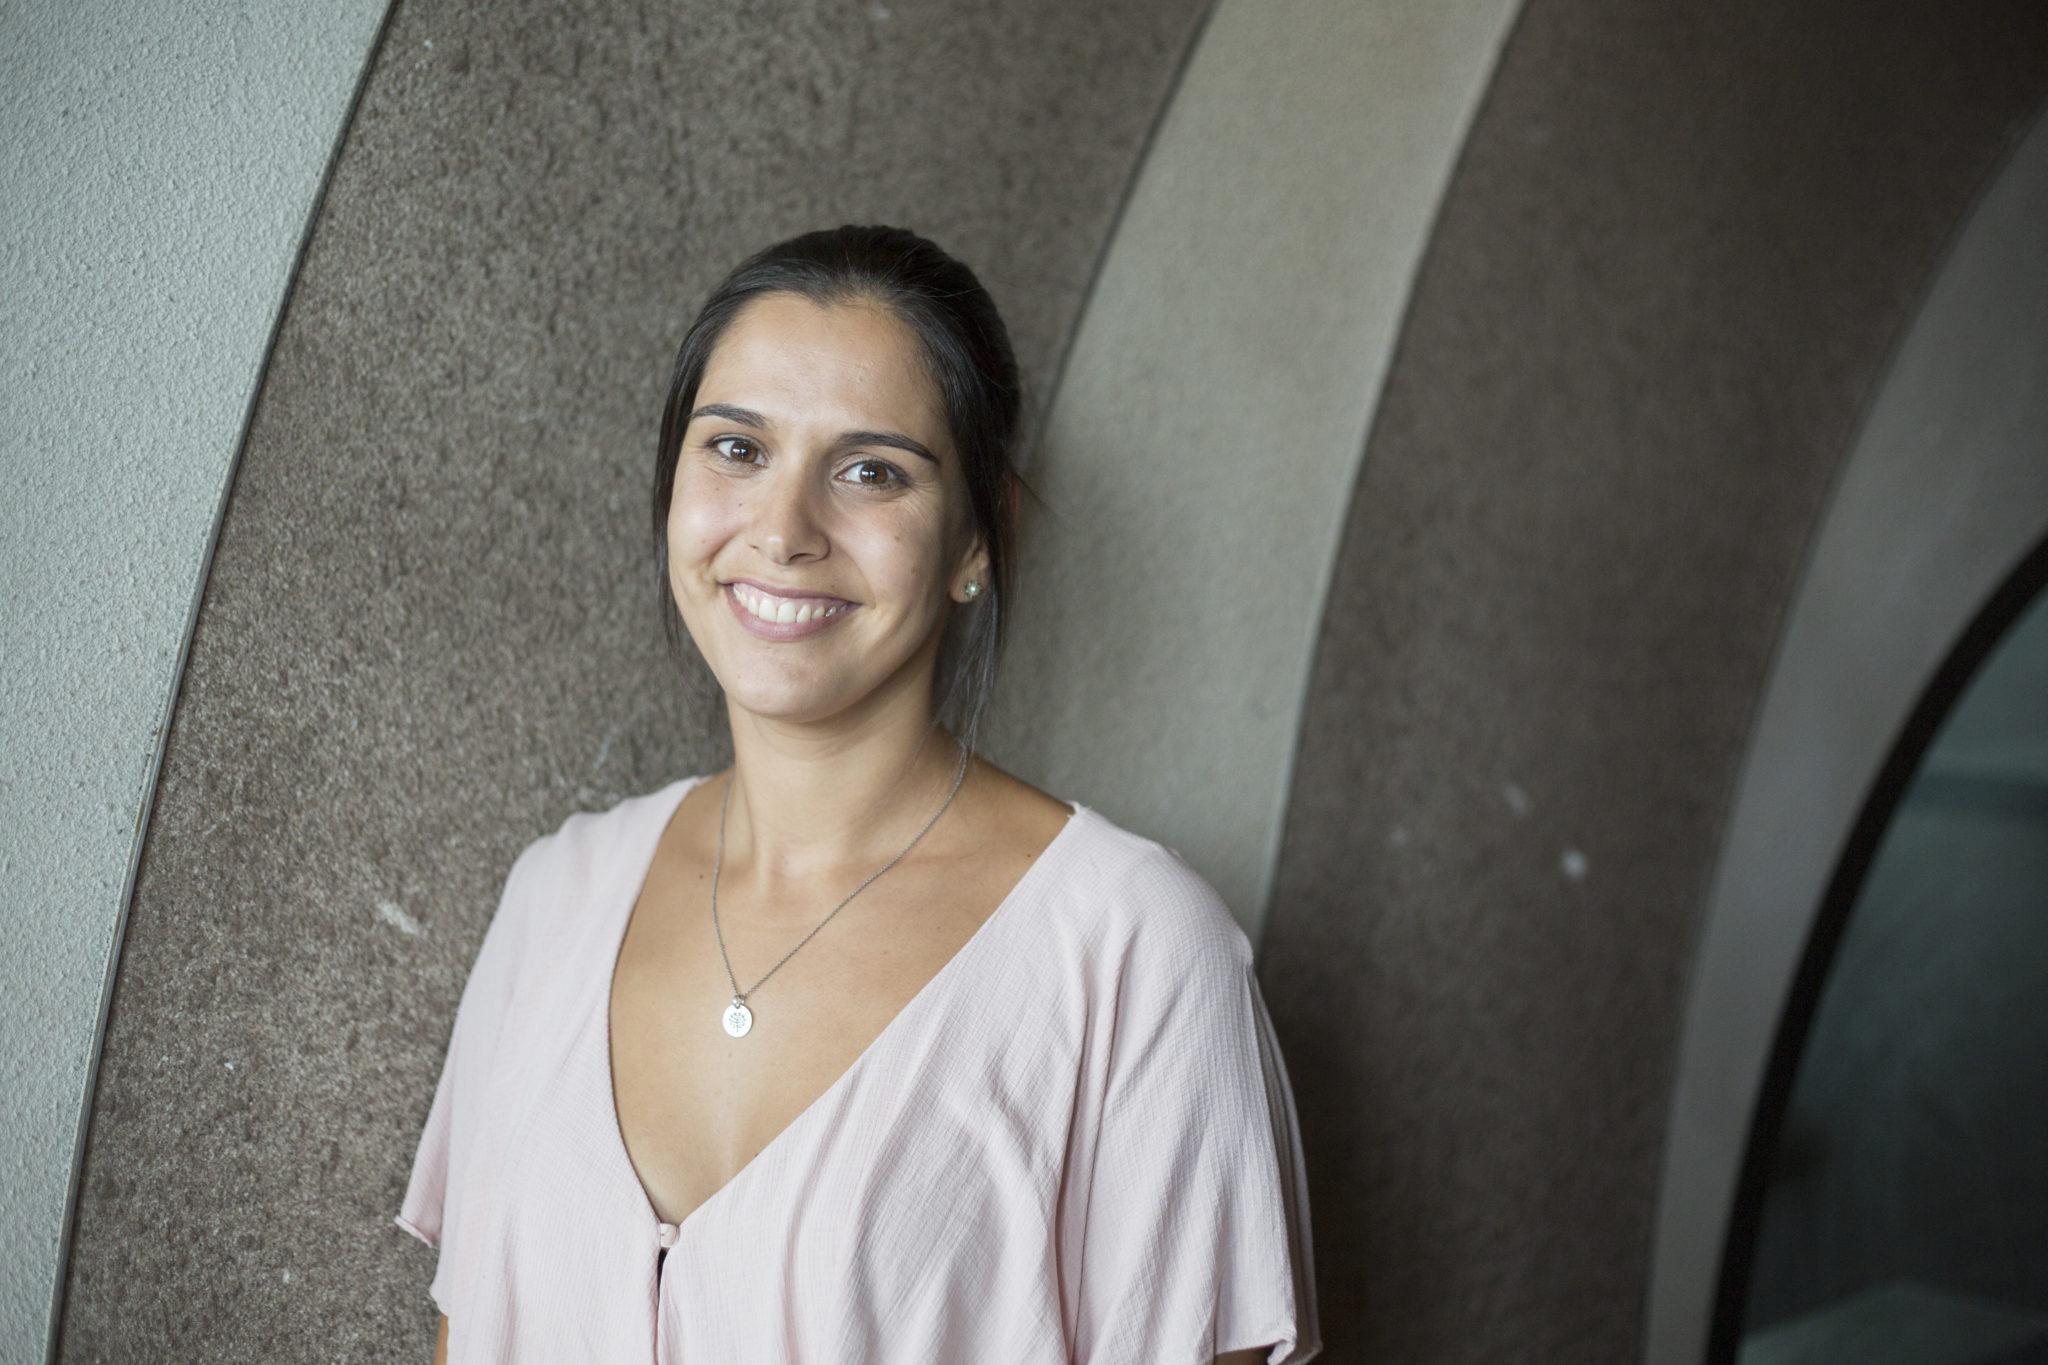 Inês Vilhena, educadora de infância |Macau nas estrelas